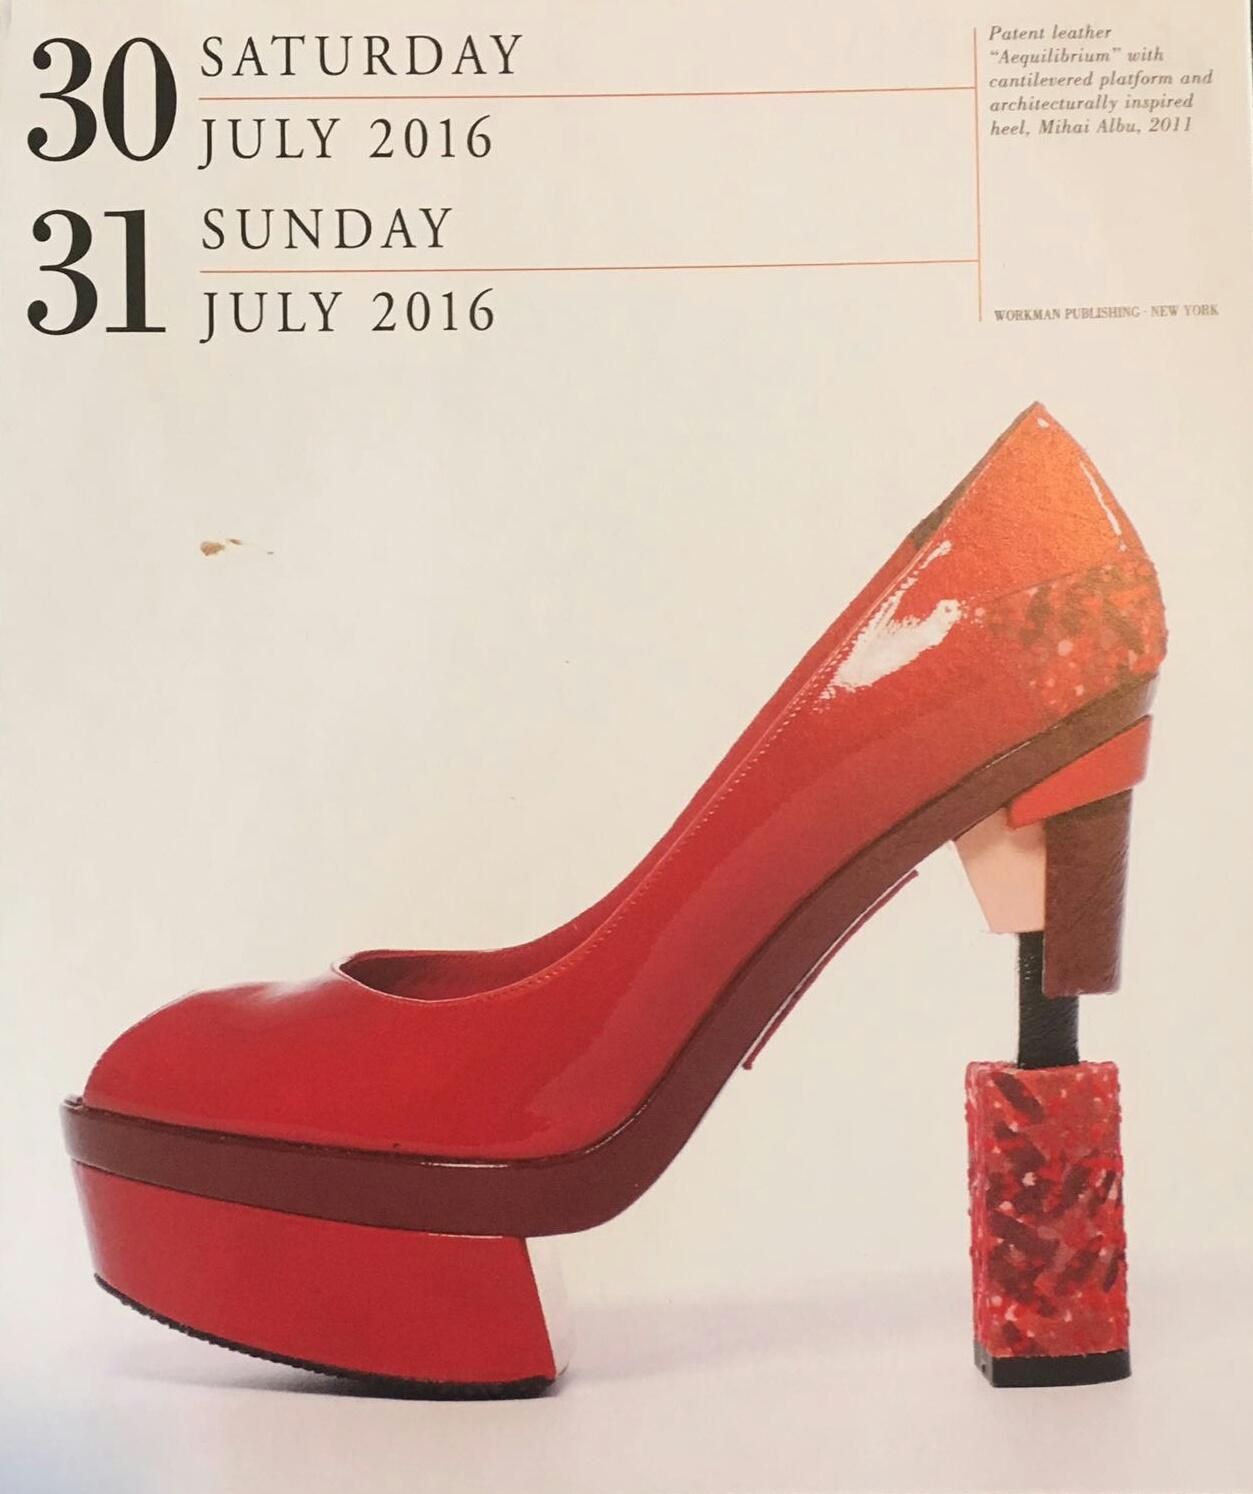 30 iulie: inca o ocazie sa sarbatorim design-ul romanesc